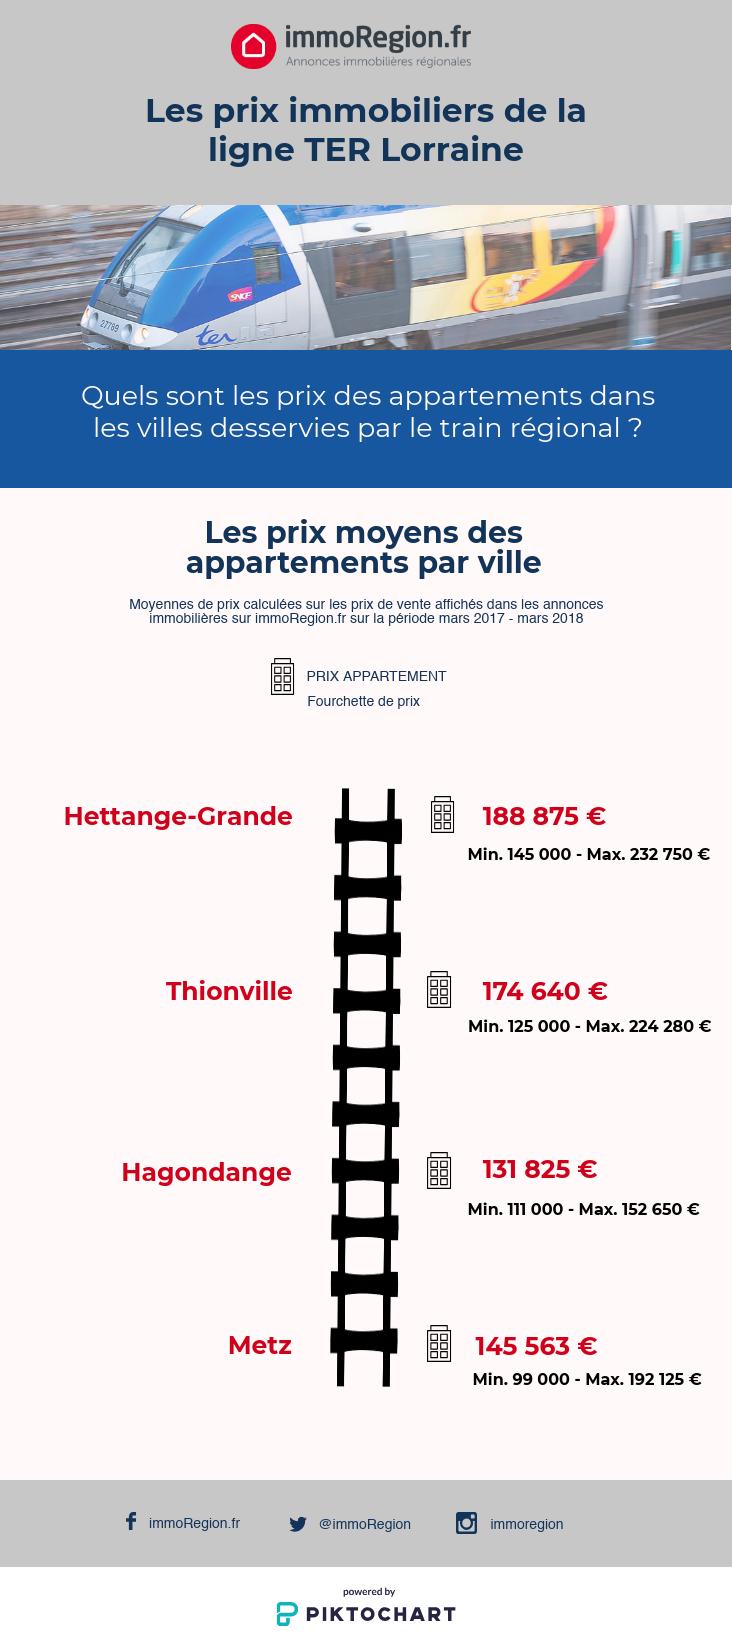 Les prix immobiliers dans les villes du train Lorraine